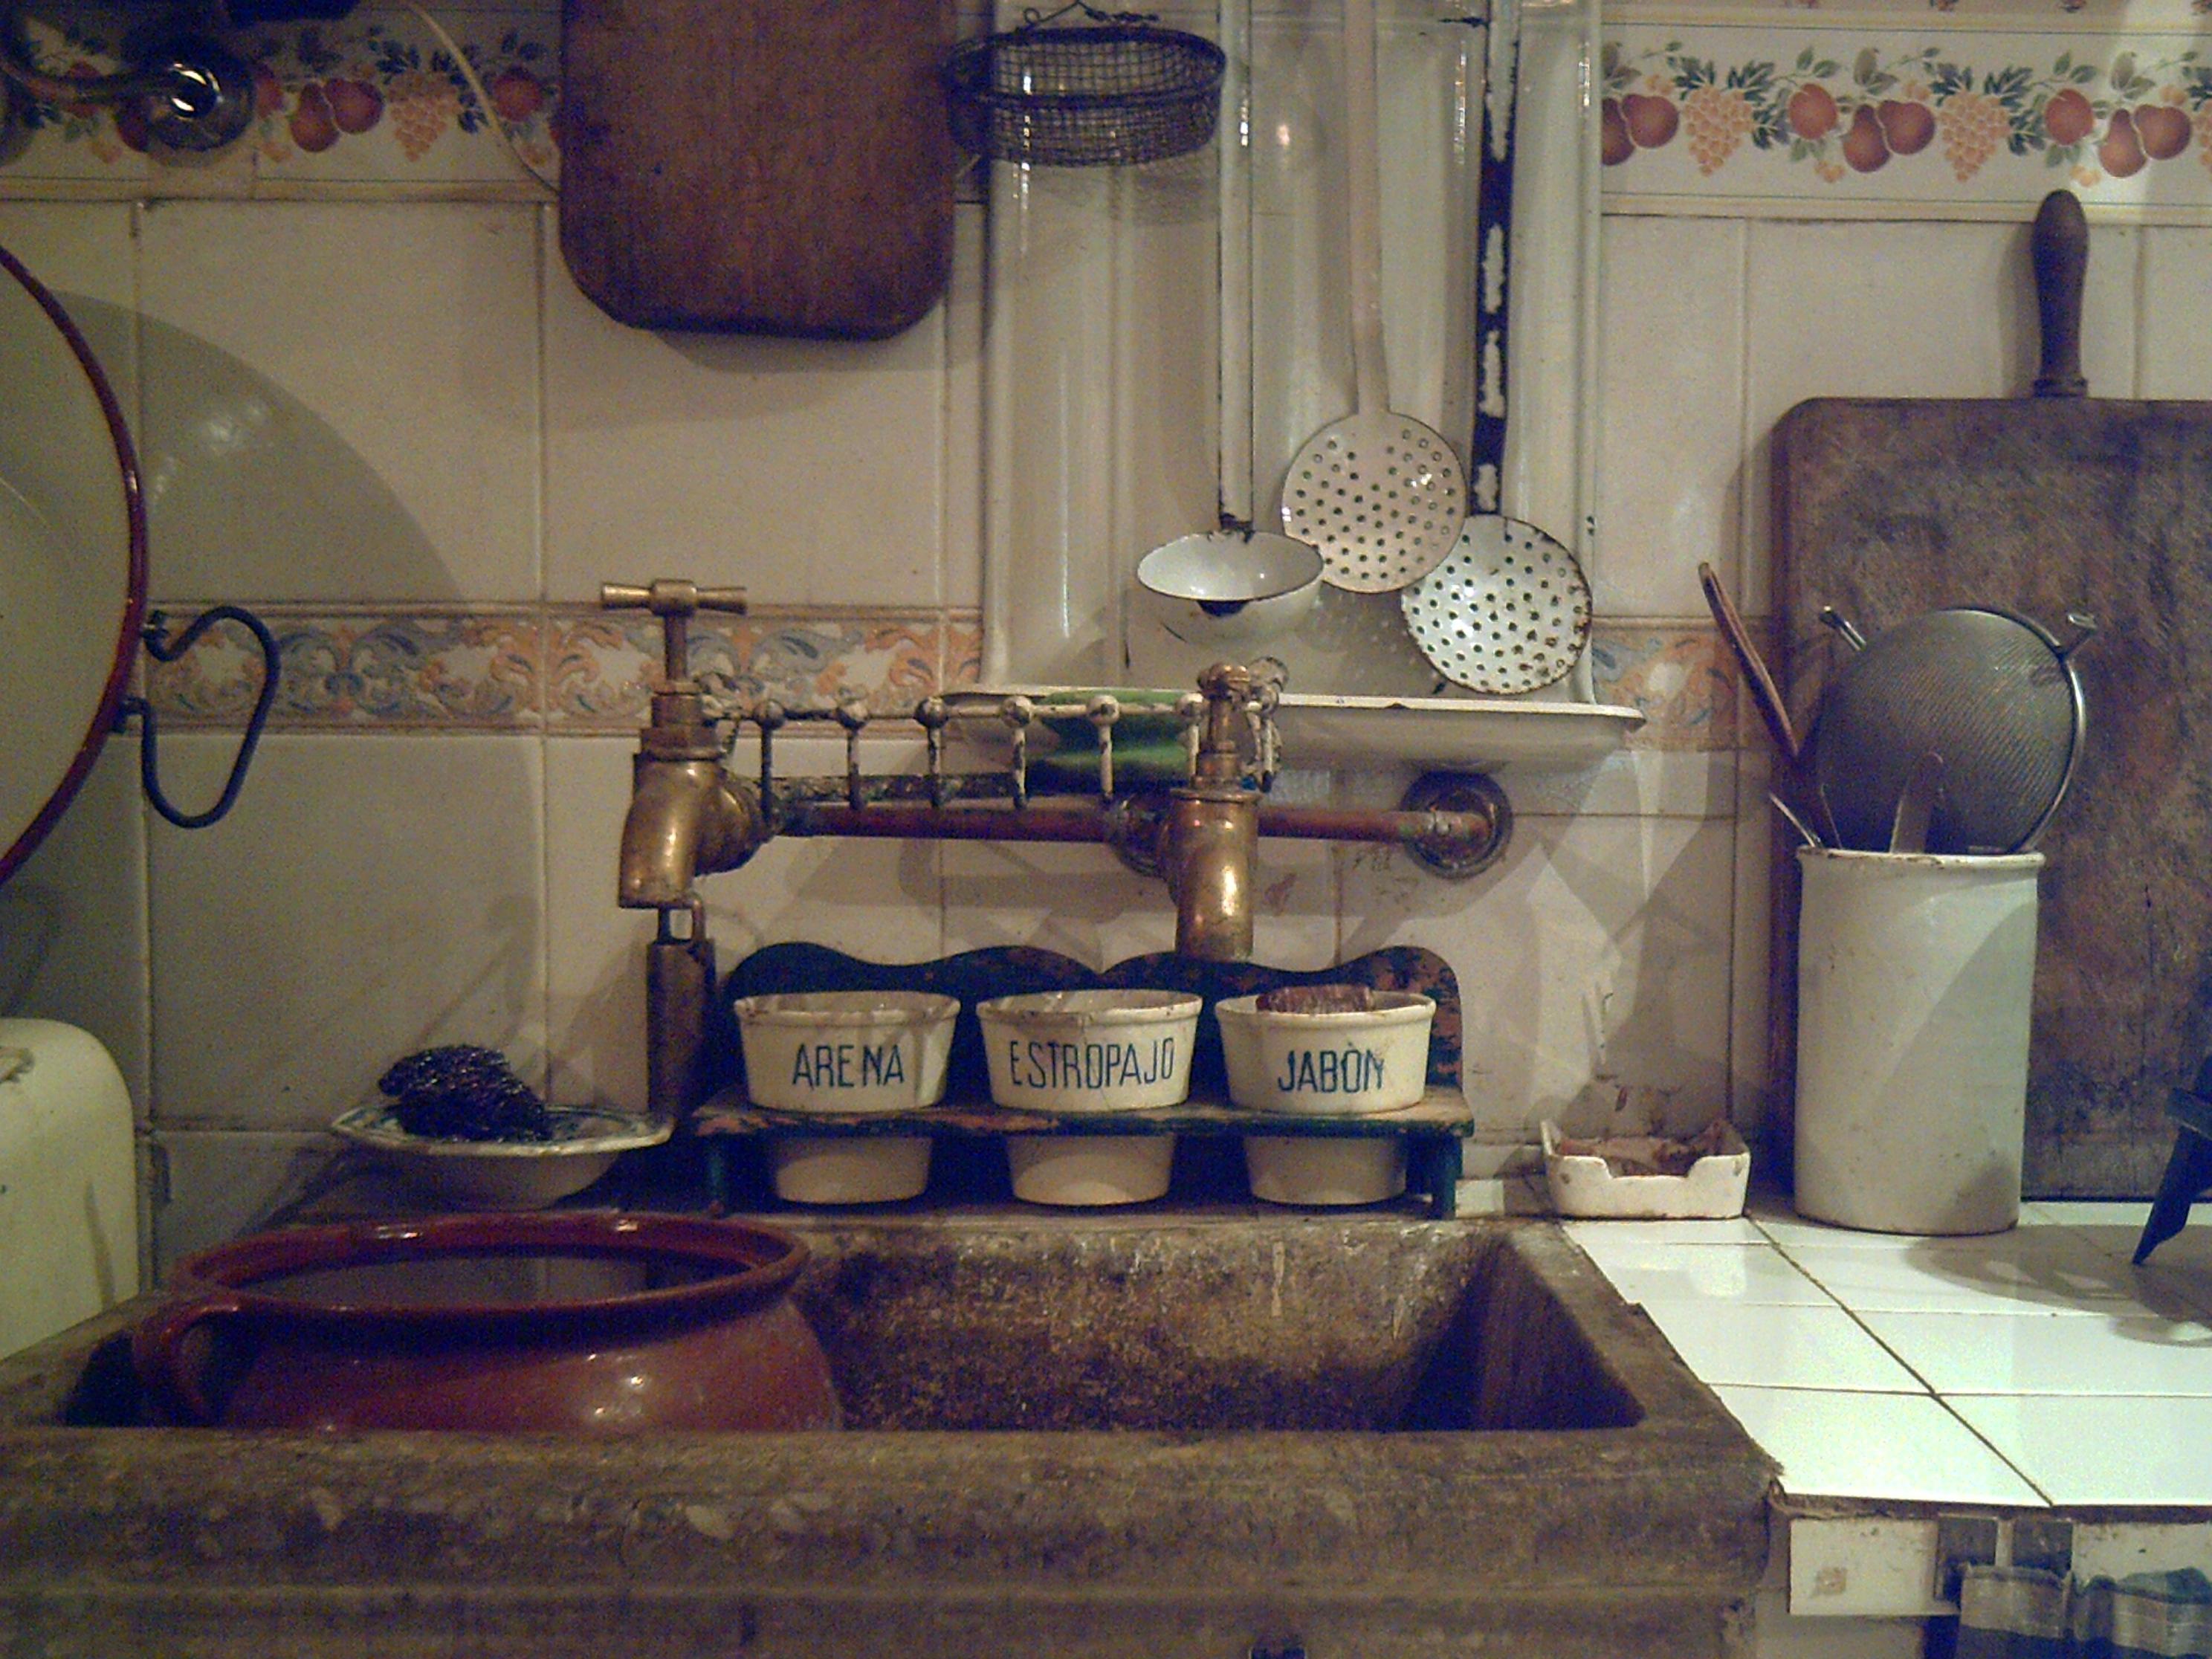 Cocina a os 50 fotos de fotograf a creativa - Fotos de cocinas antiguas ...